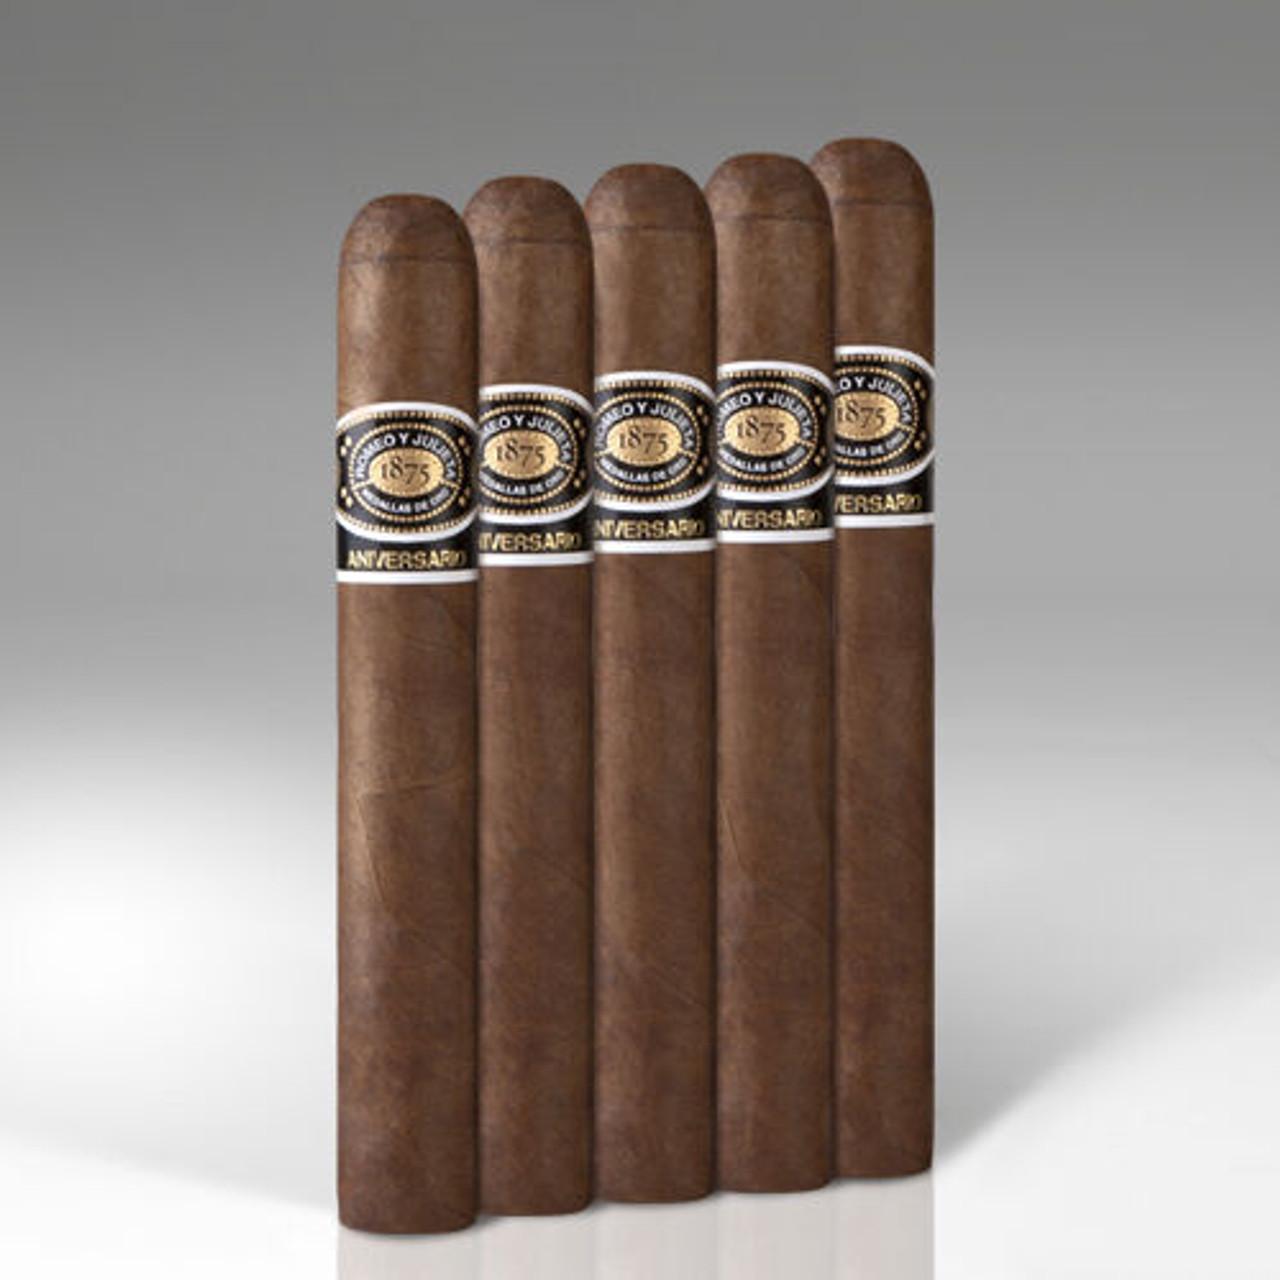 Romeo y Julieta Aniversario Toro Cigars - 6 x 54 (Pack of 5)